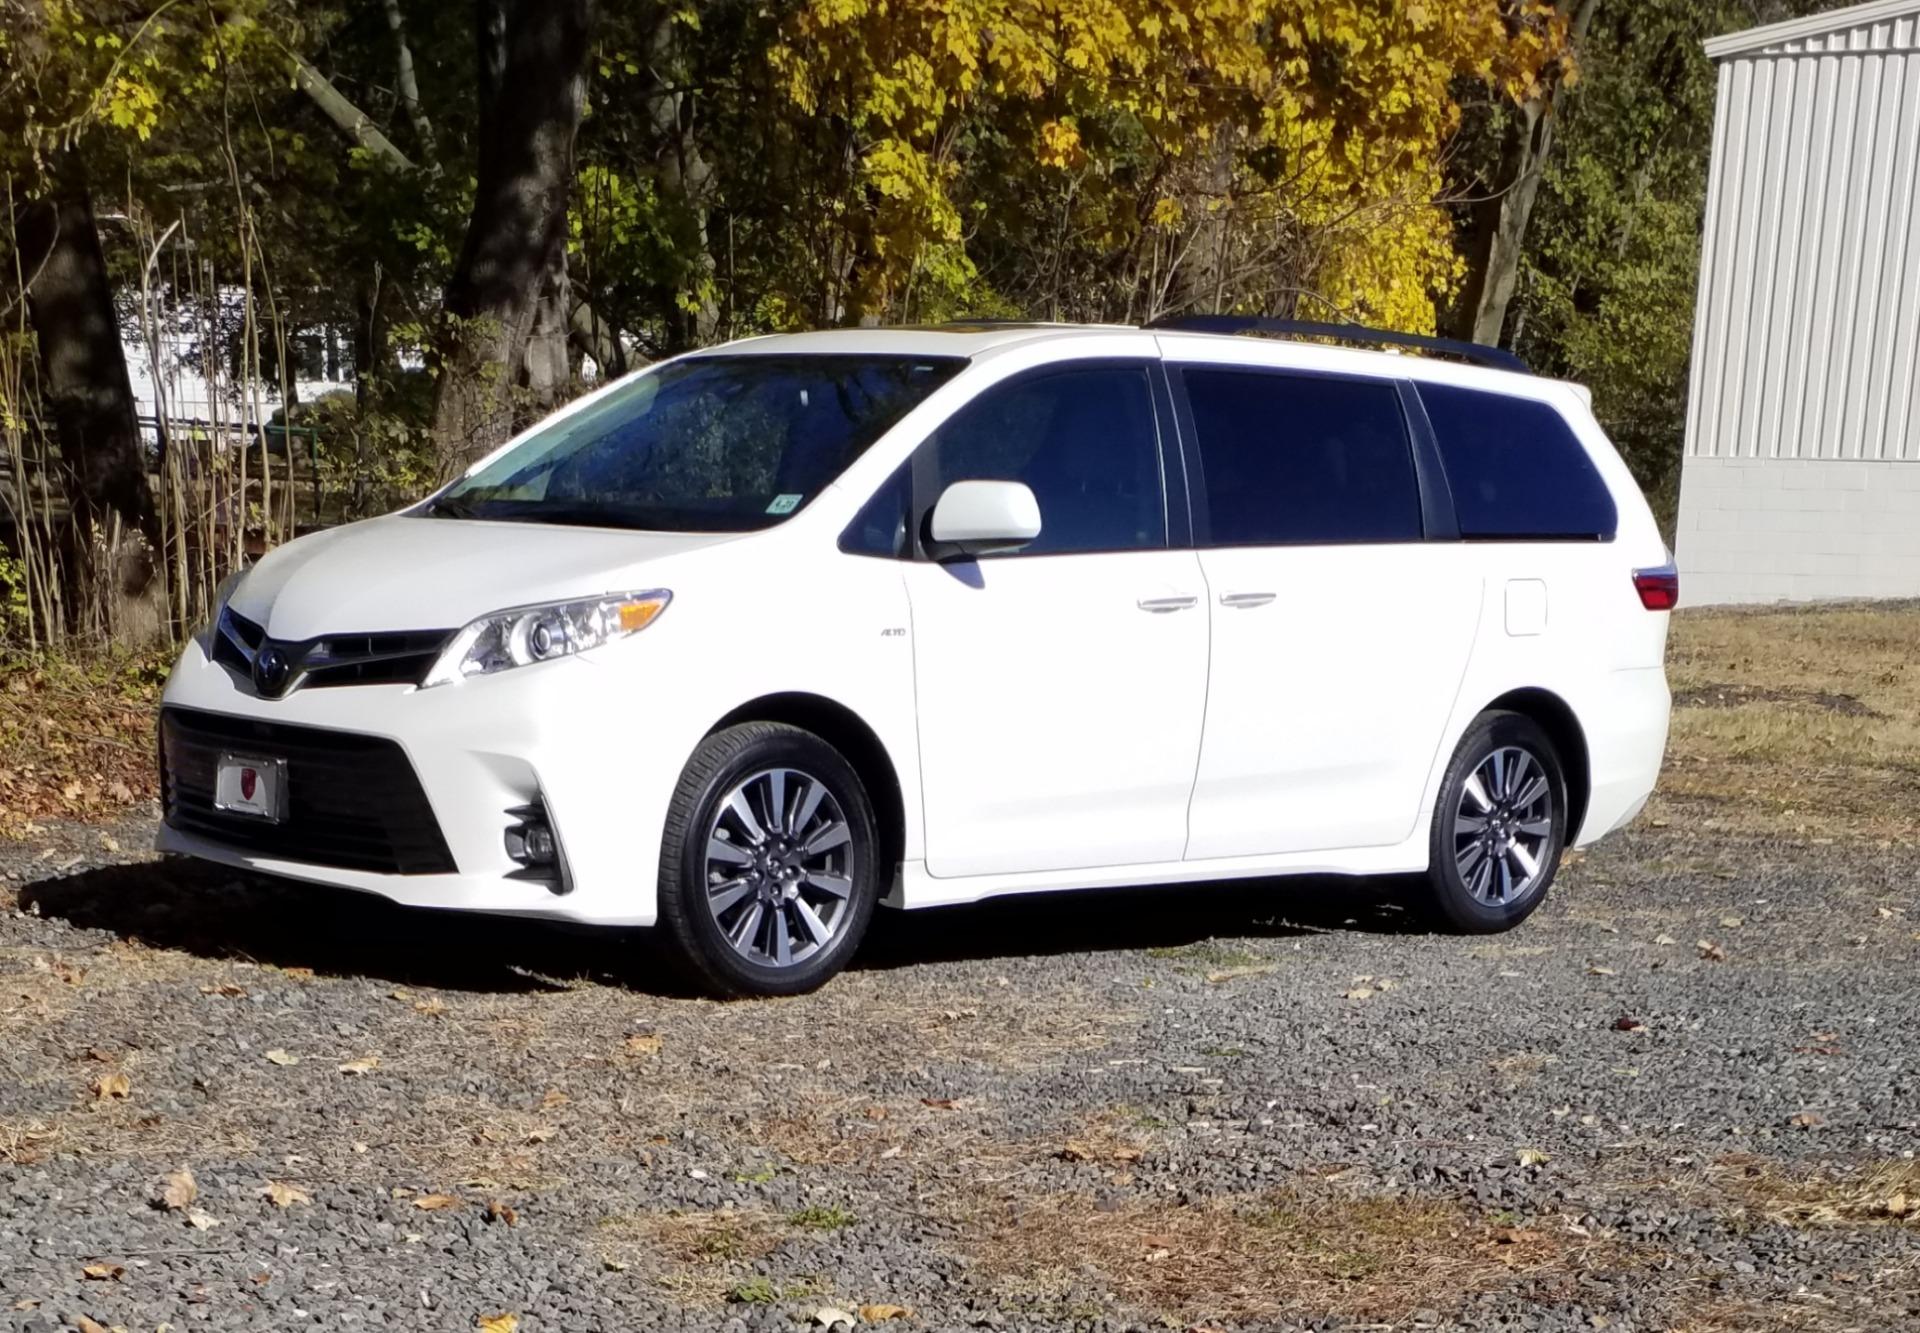 Used 2018 Toyota Sienna XLE Limited - AWD   Peapack, NJ